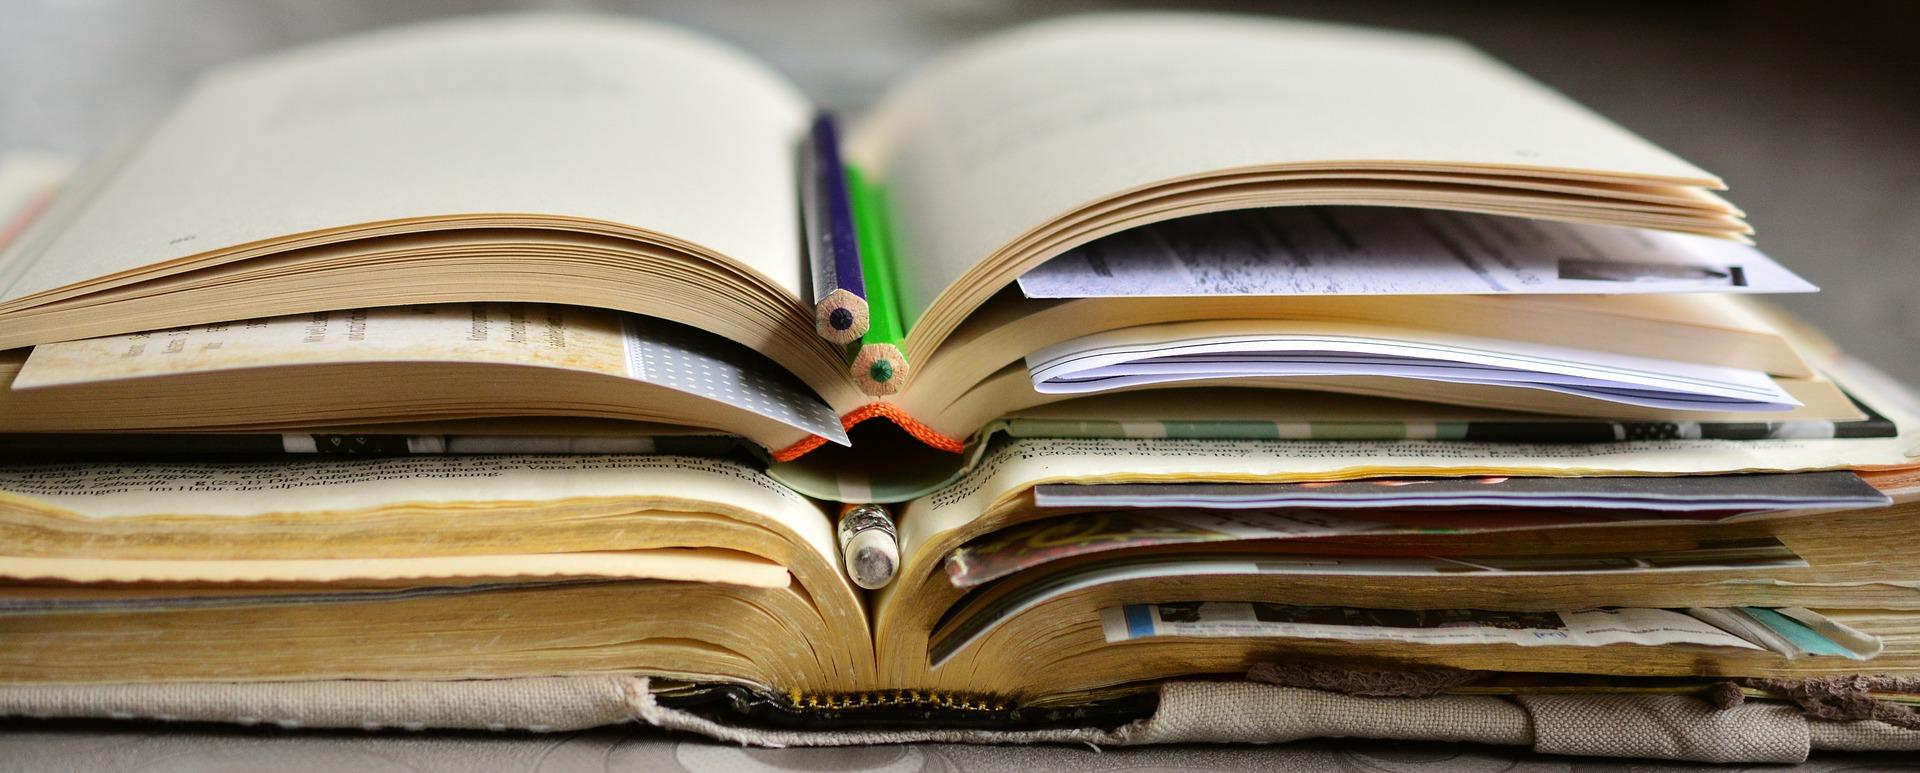 Studiranje u Nišu - prednosti i problemi?